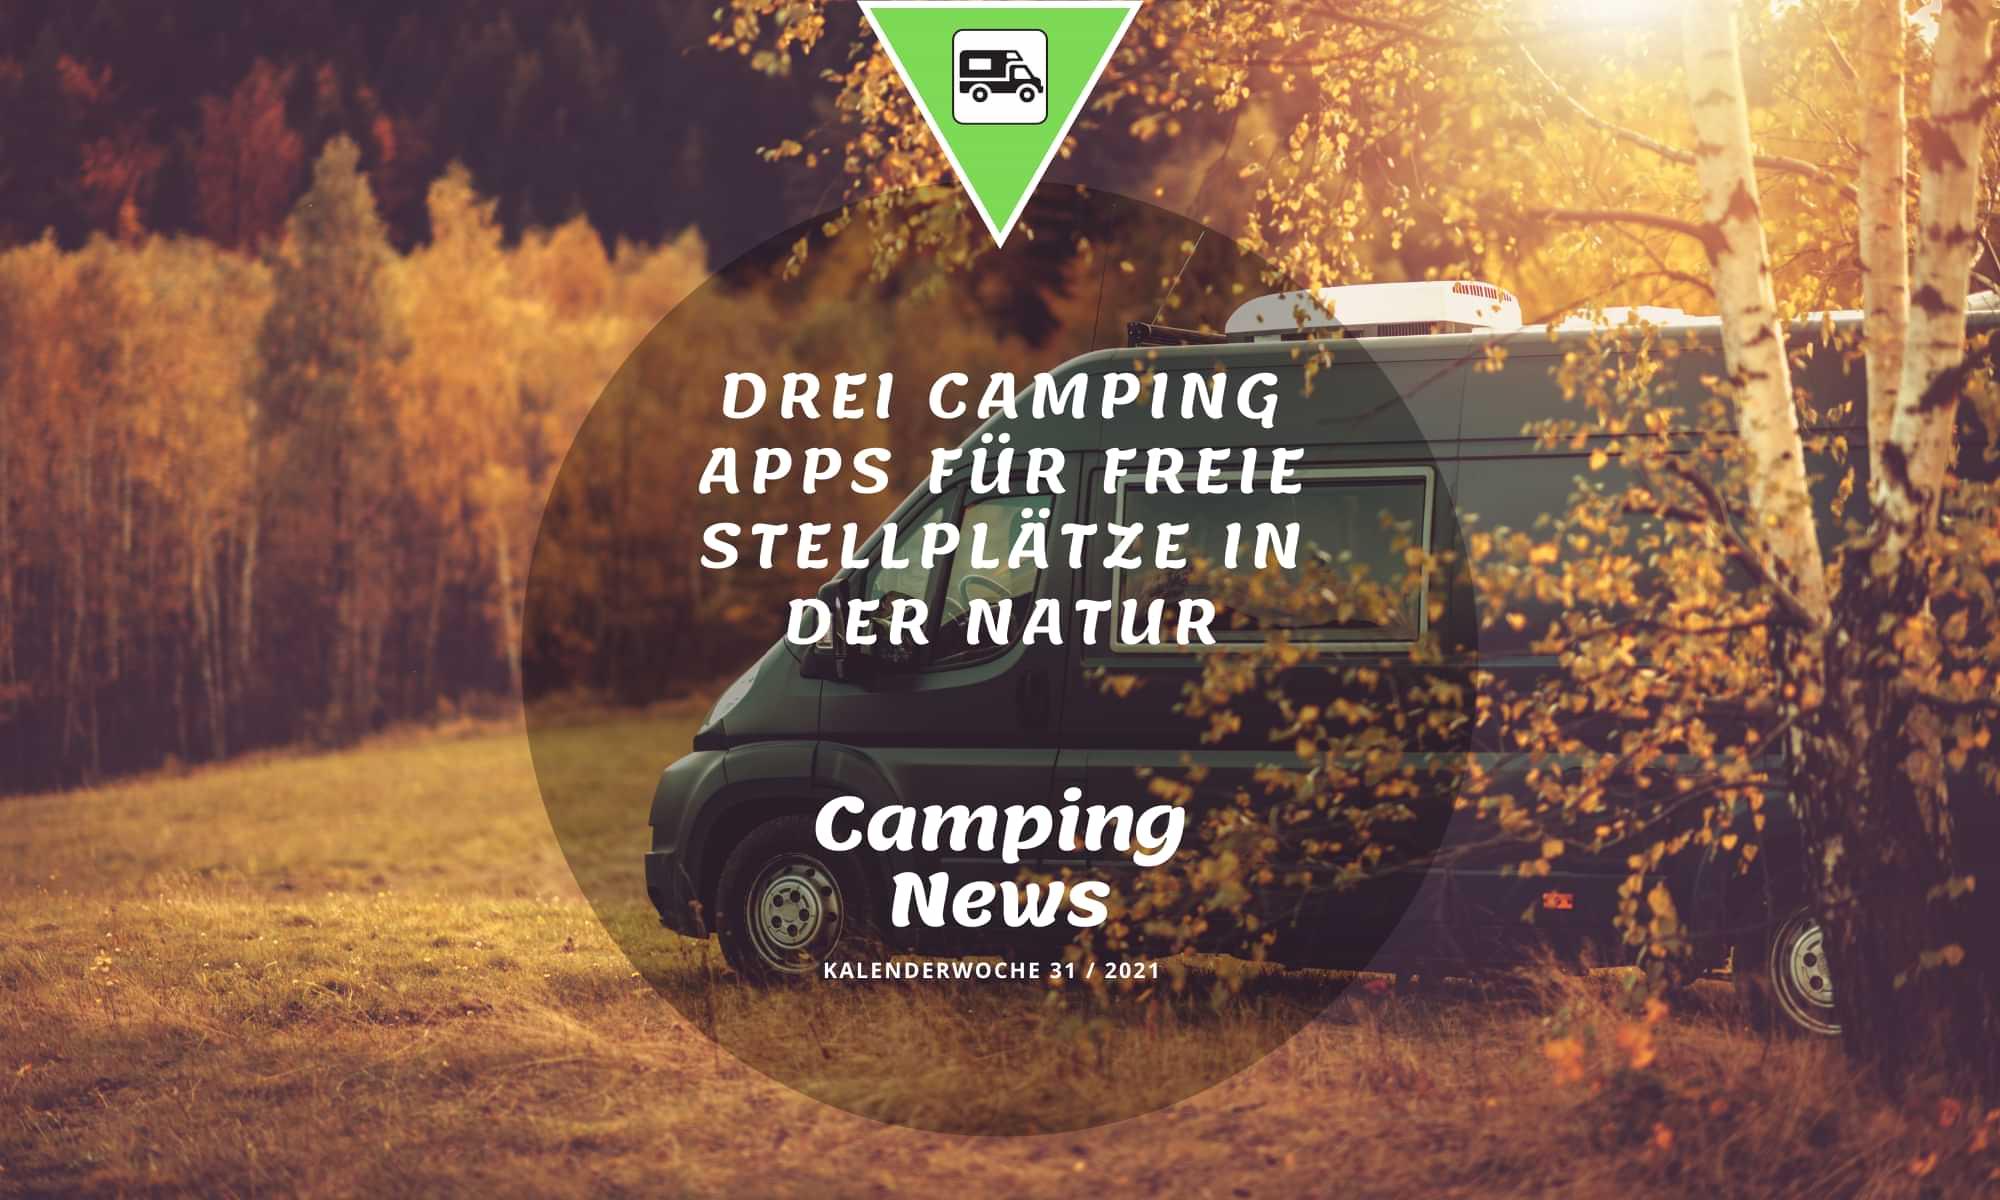 Camping App für Wohnmobil Stellplätze